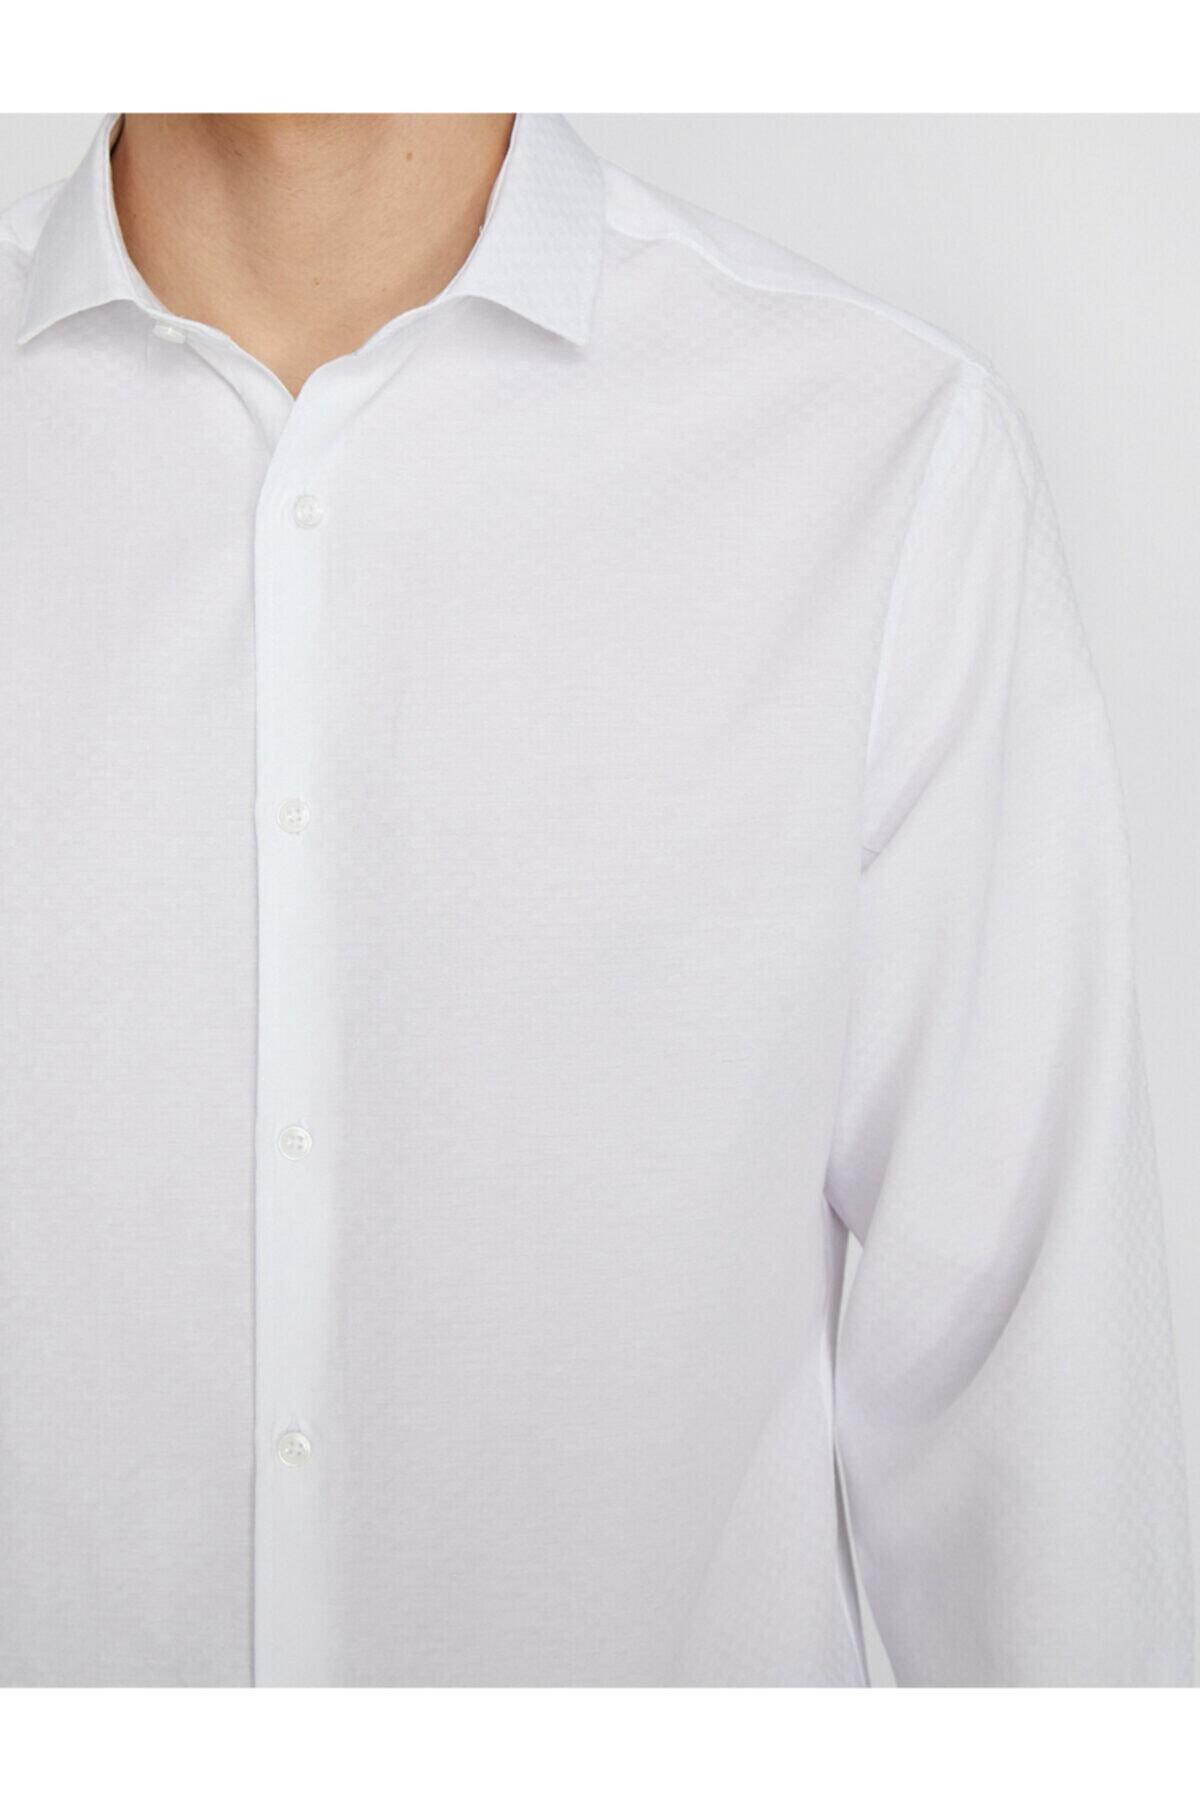 Koton Erkek Desenli Gömlek